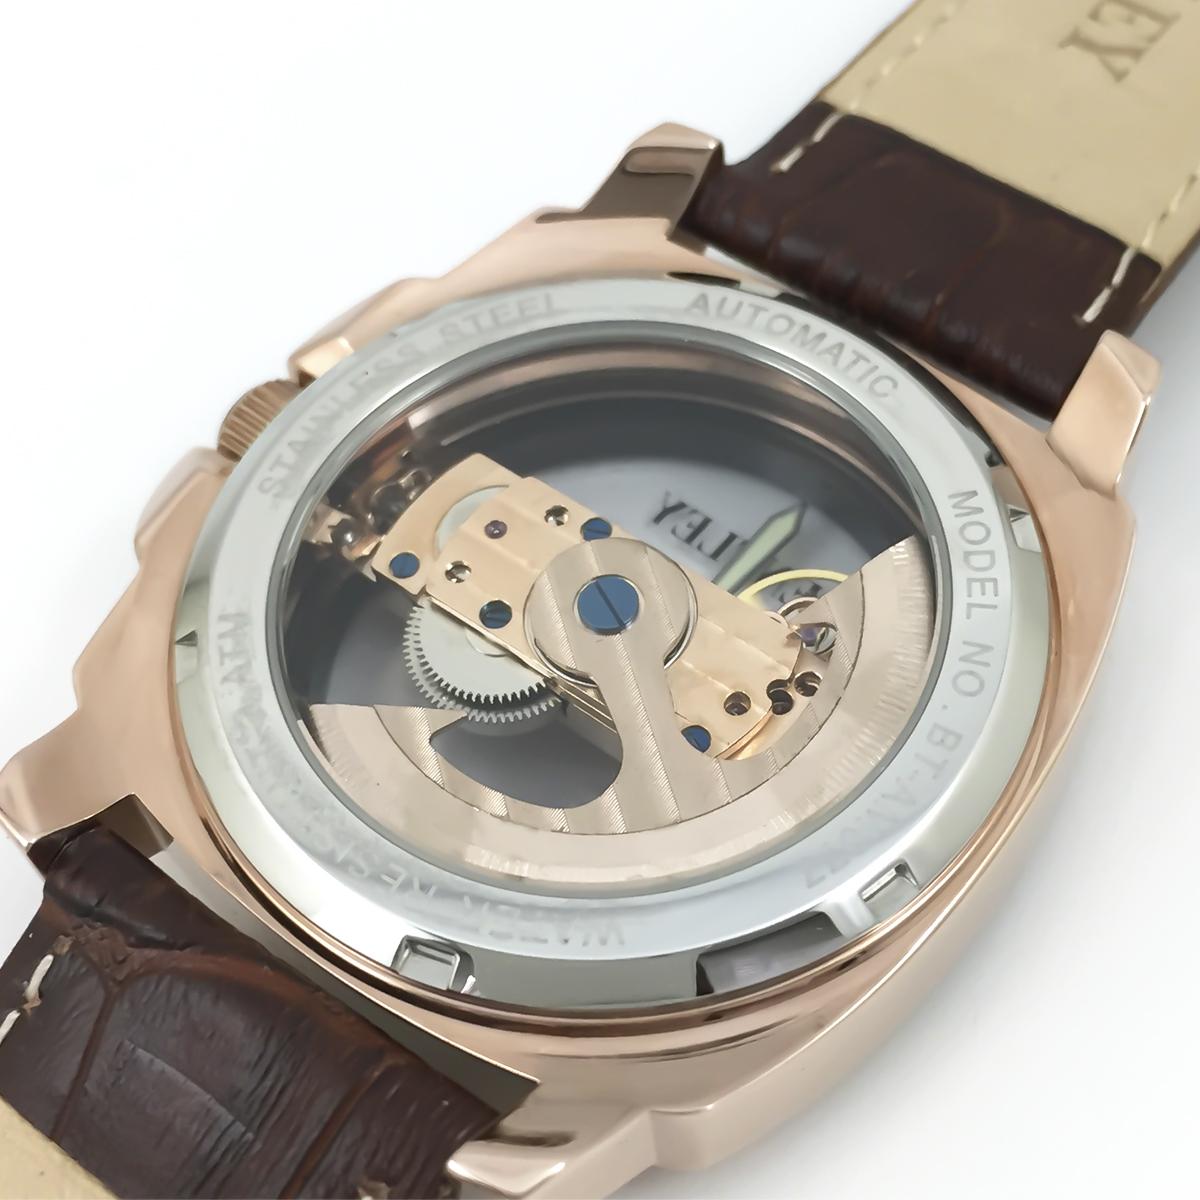 機械式腕時計 アナログウォッチ メンズ BENTLEY ベントレー【BT-AM077】